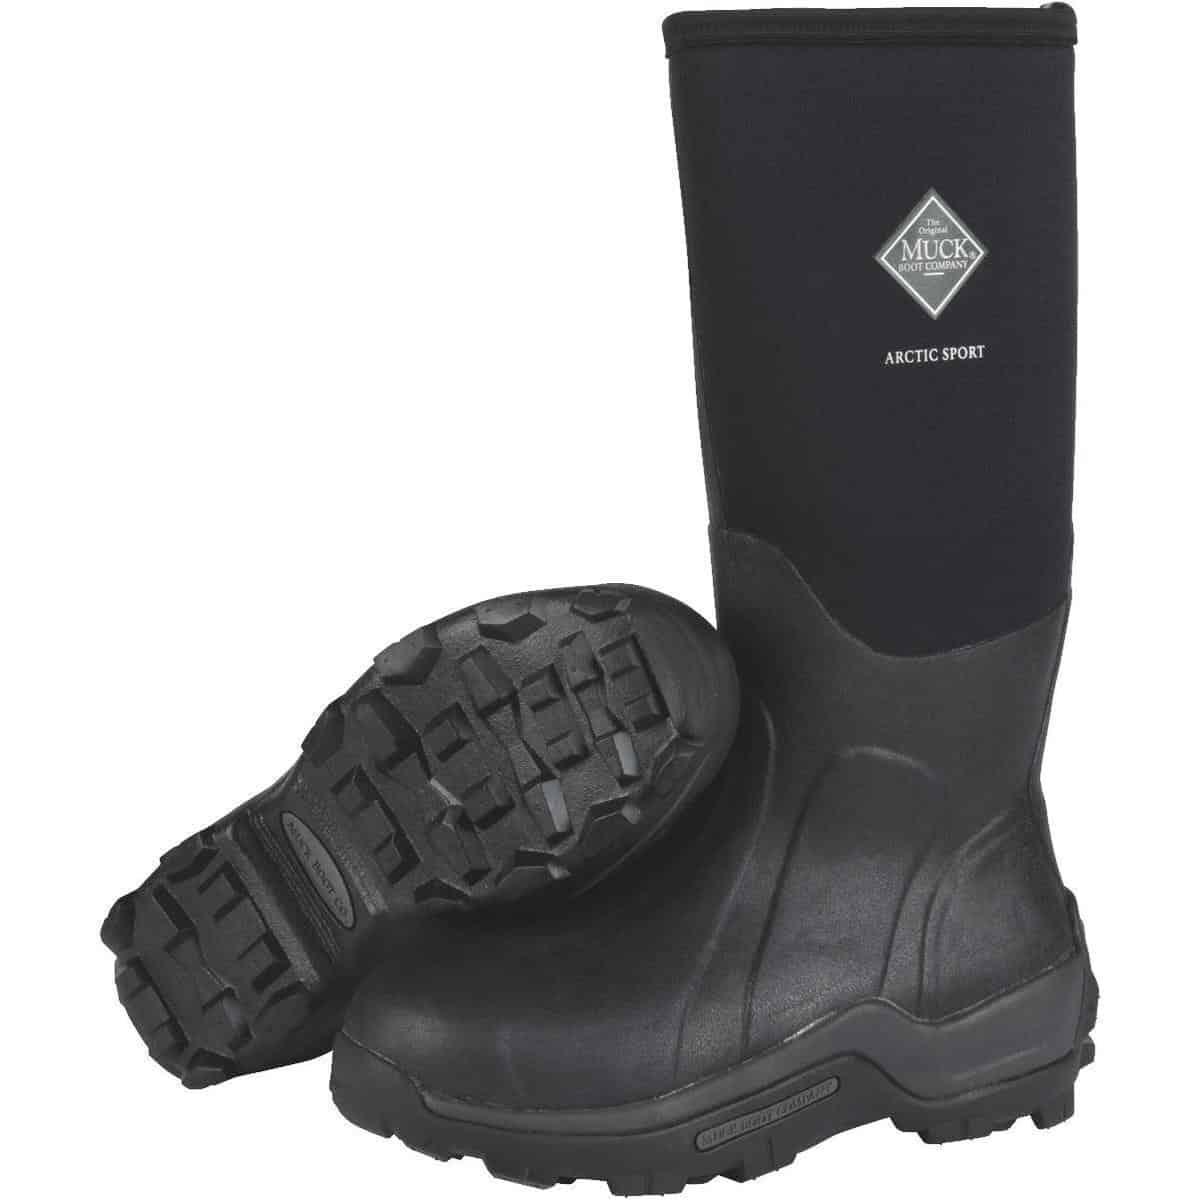 Muck Boot Arctic Sport Rubber High-Performance Men's Winter Boot